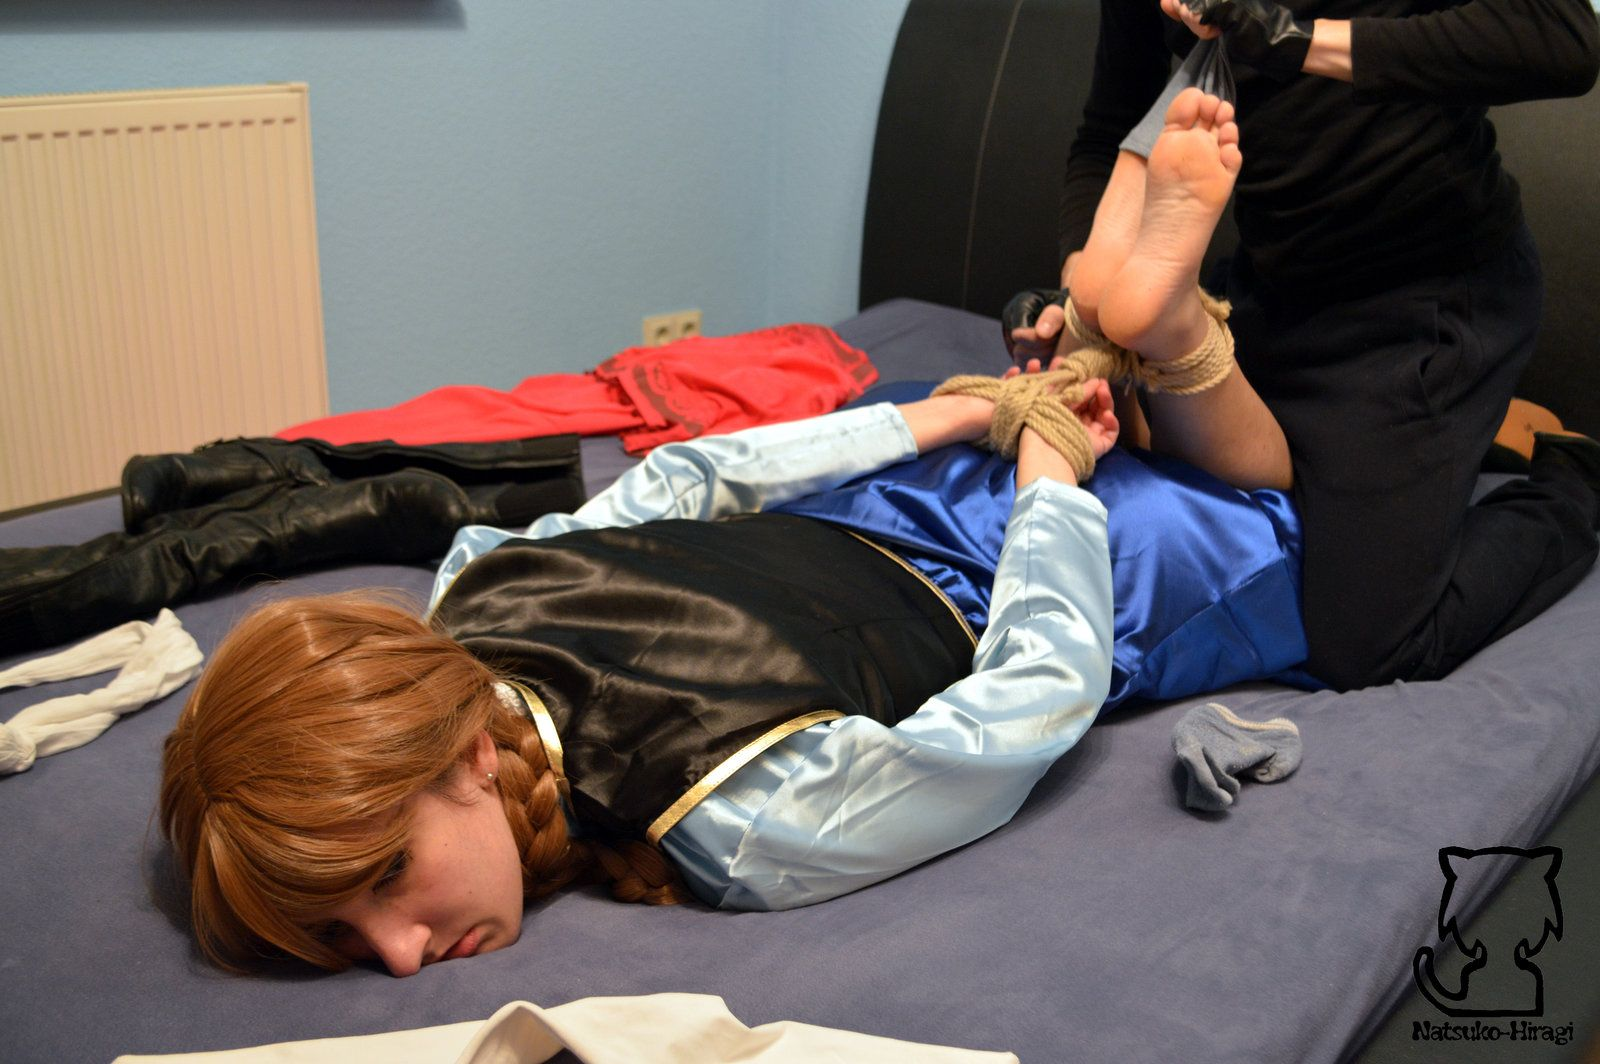 Fnaf Kidnapped Princess Deviantart: Princess Anna Kidnapped! 9 By Natsuko-Hiragi On DeviantArt